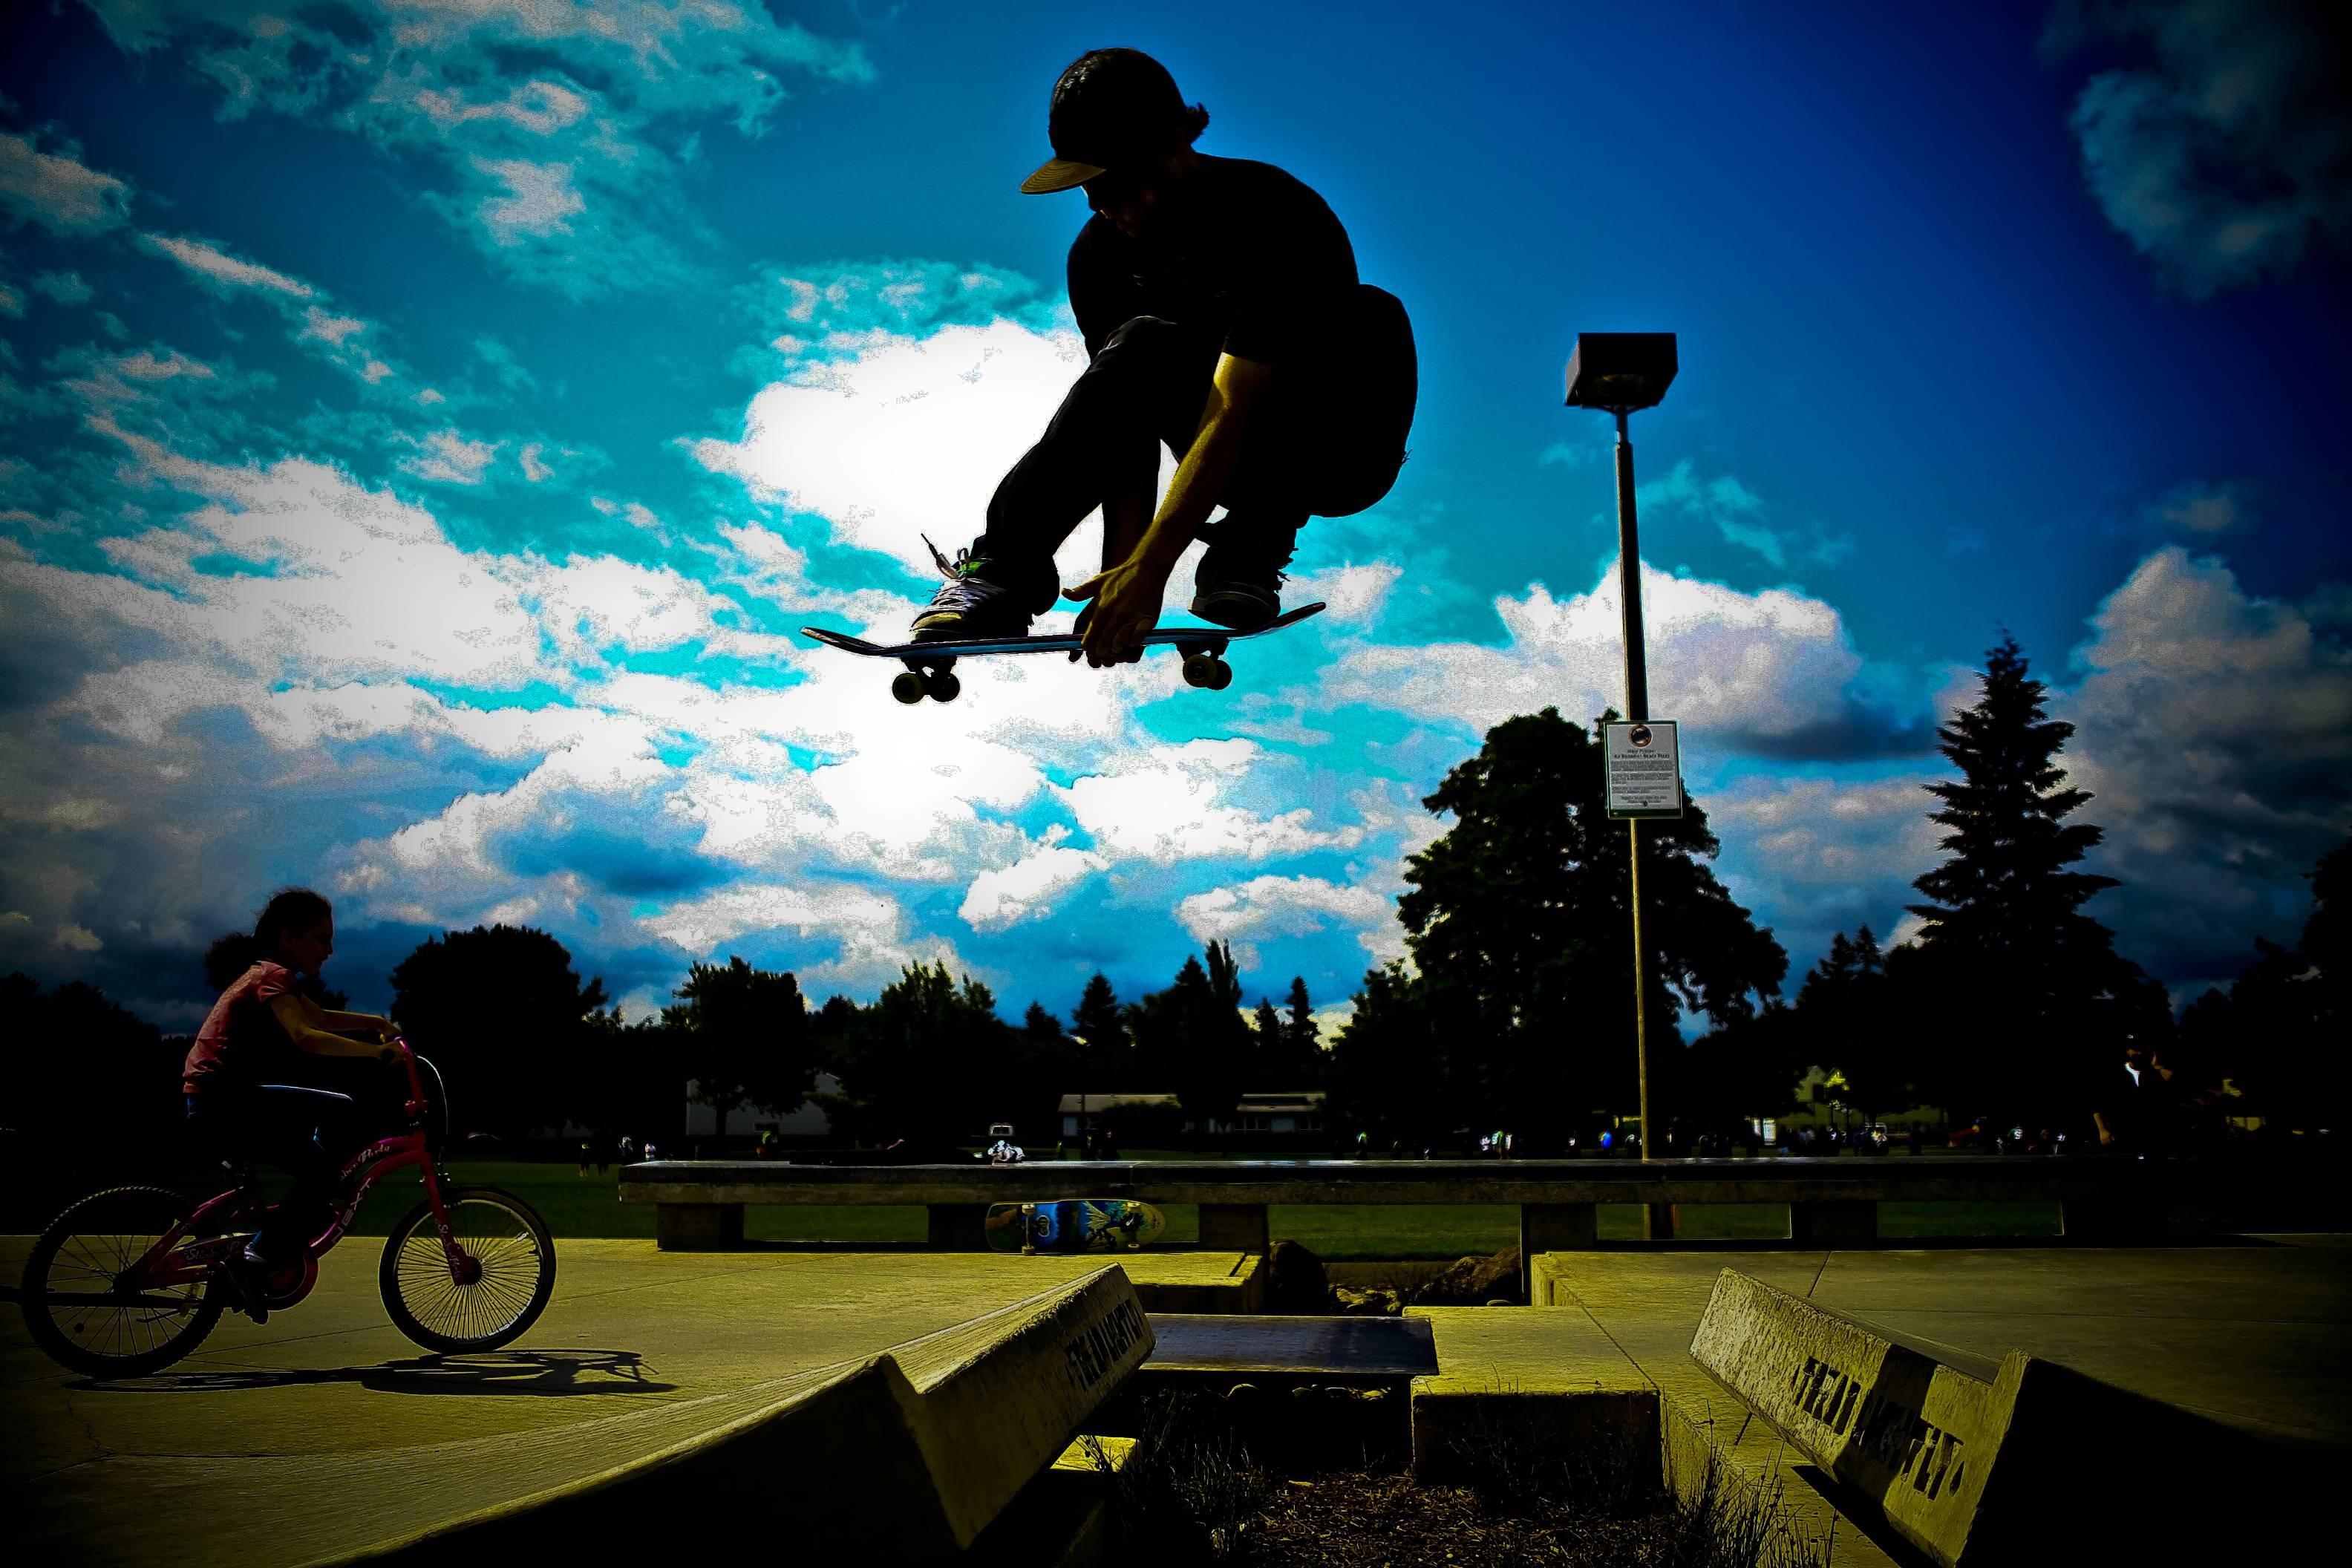 Images For > Skateboarding Wallpaper Hd